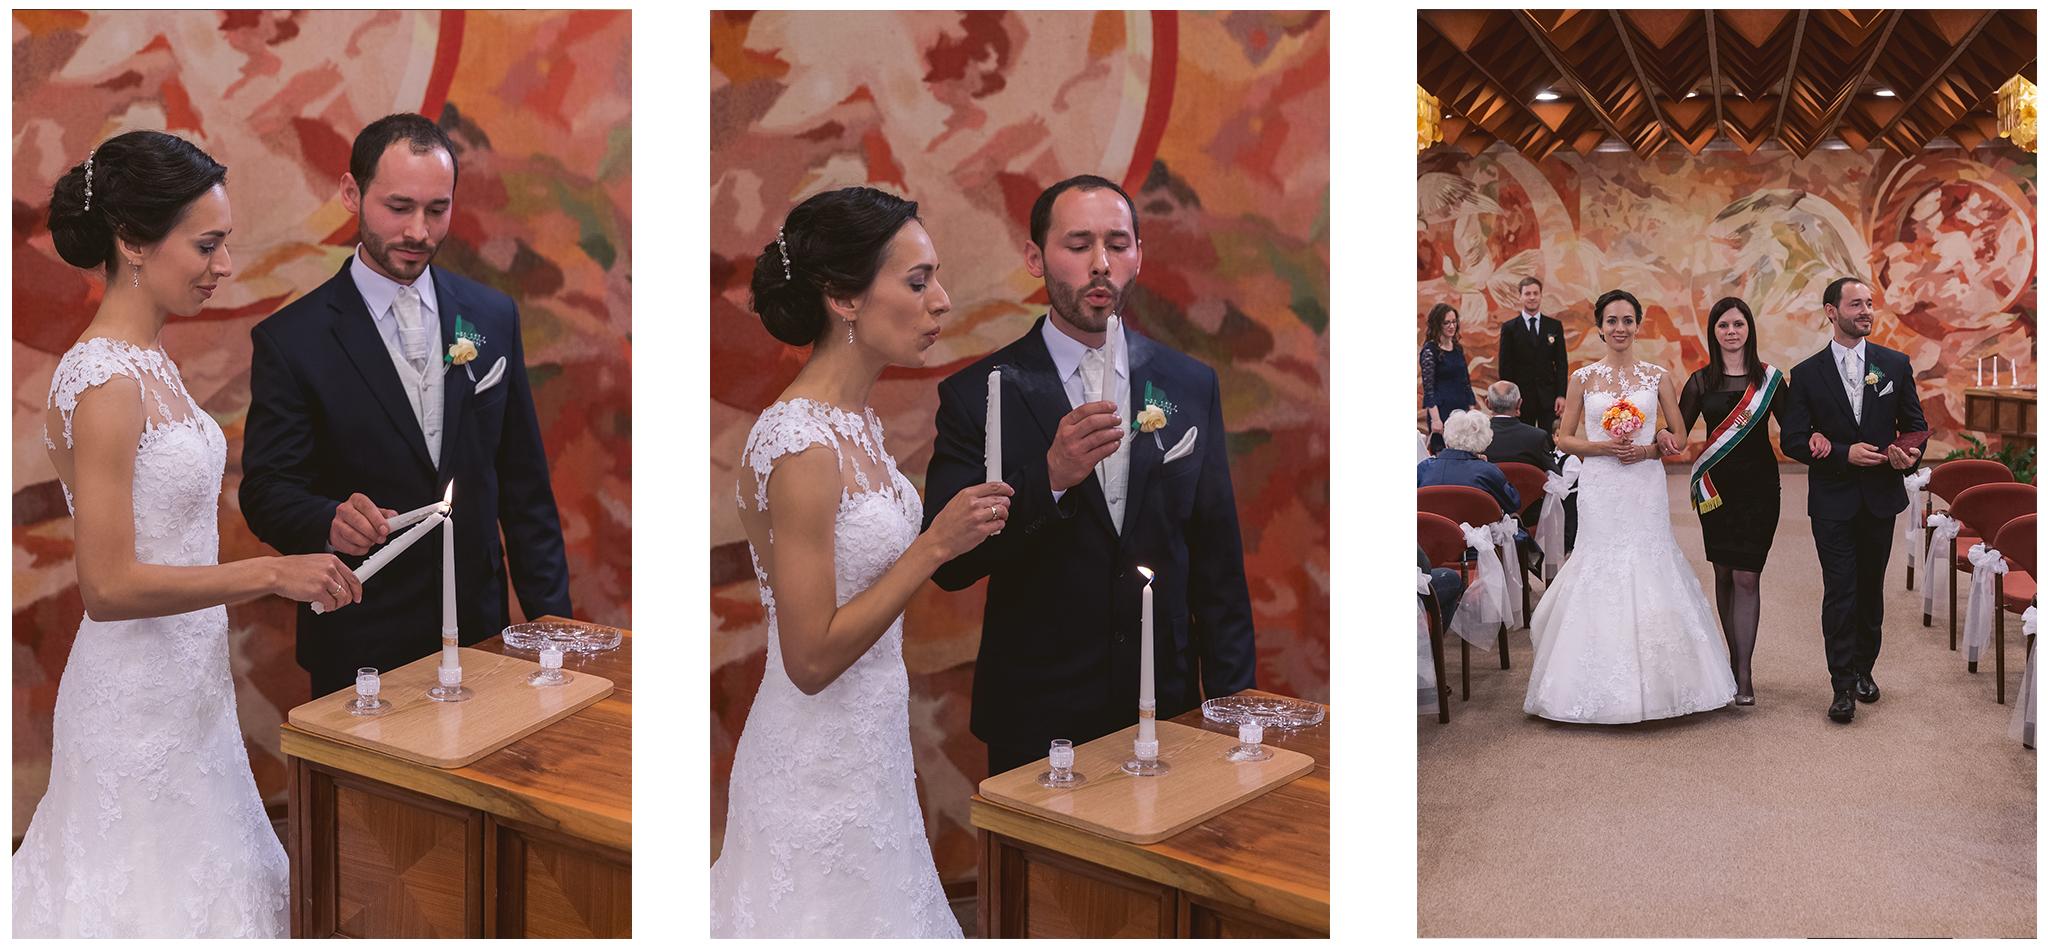 FylepPhoto, esküvőfotós, esküvői fotós Körmend, Szombathely, esküvőfotózás, magyarország, vas megye, prémium, jegyesfotózás, Fülöp Péter, körmend, kreatív, fotográfus_028.jpg